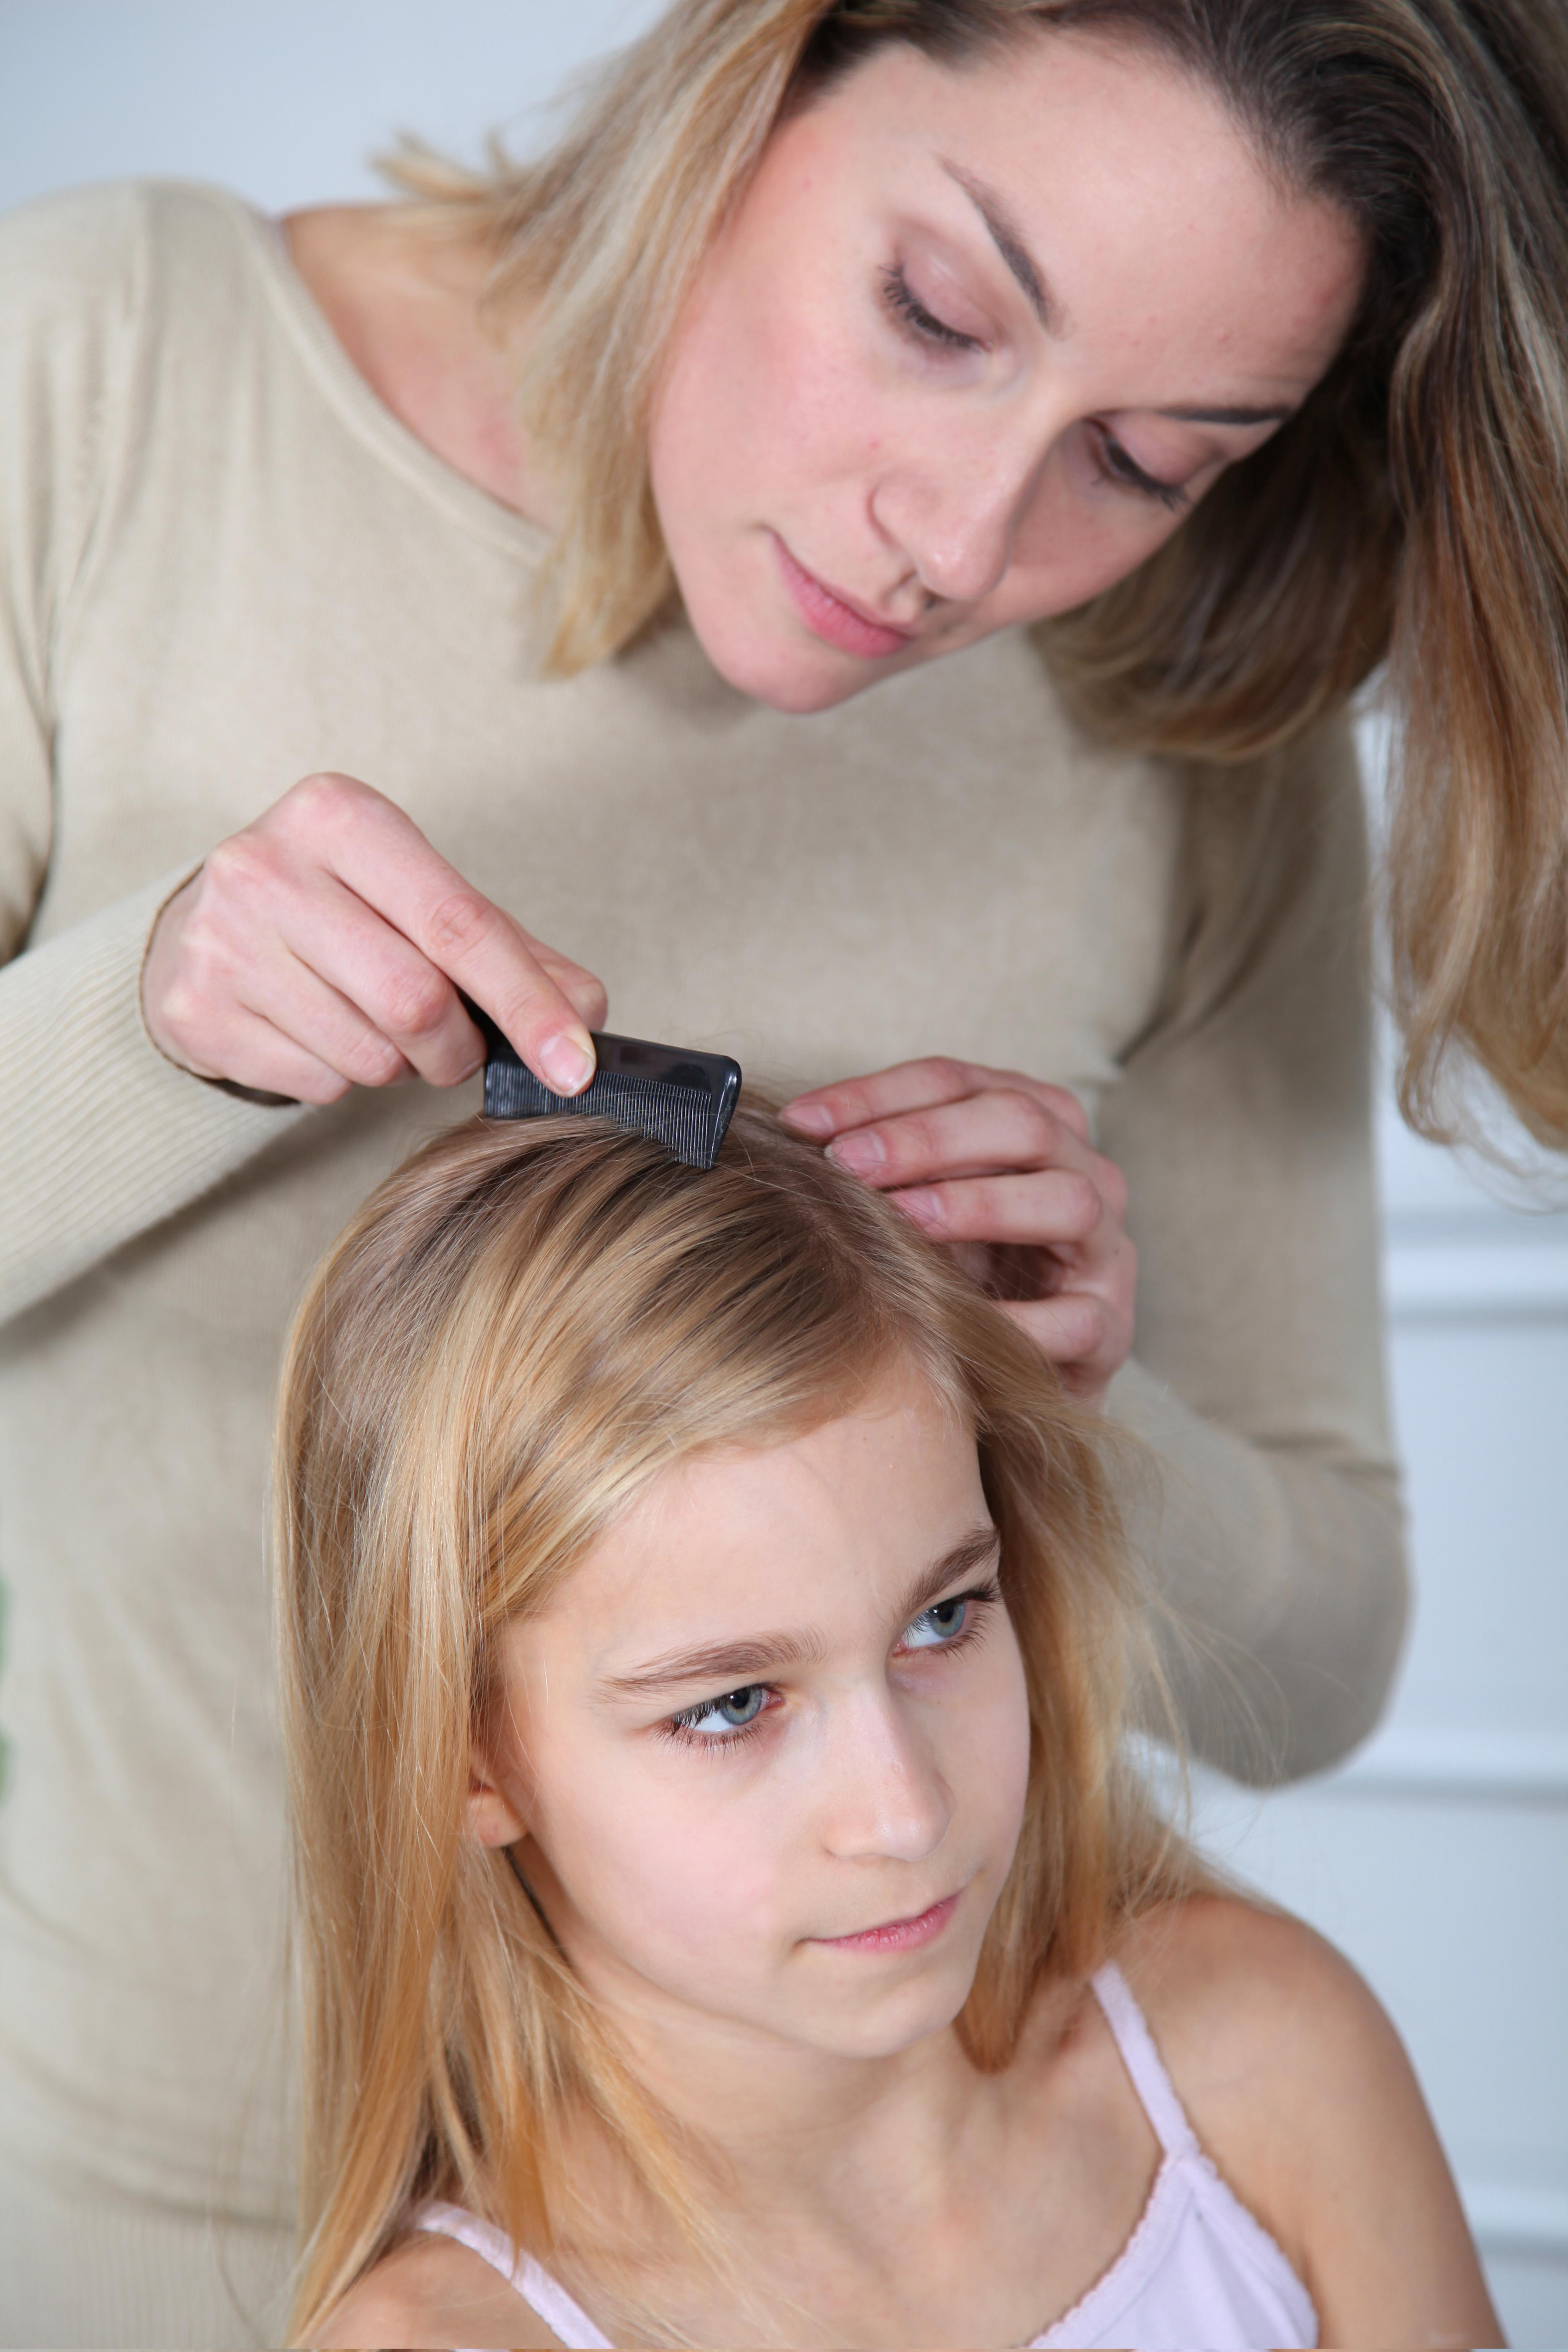 health_child_lice check (2)